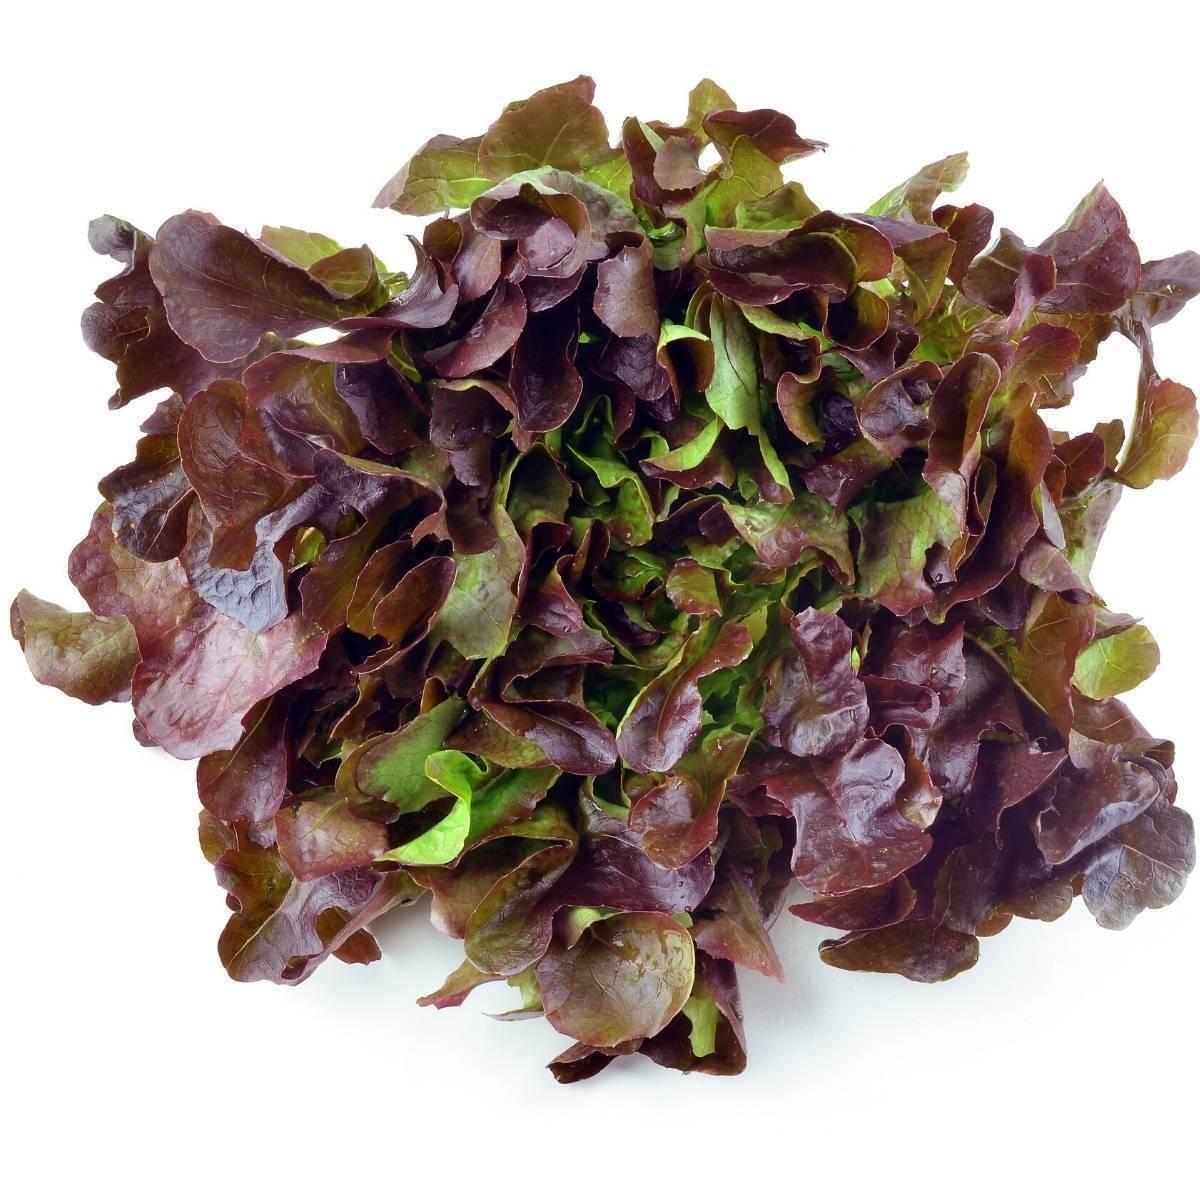 Xà lách Red Oakleaf - Combo 50 hạt bọc men Xà lách mùa hè Red Oakleaf màu đỏ đẹp chịu nhiệt tốt